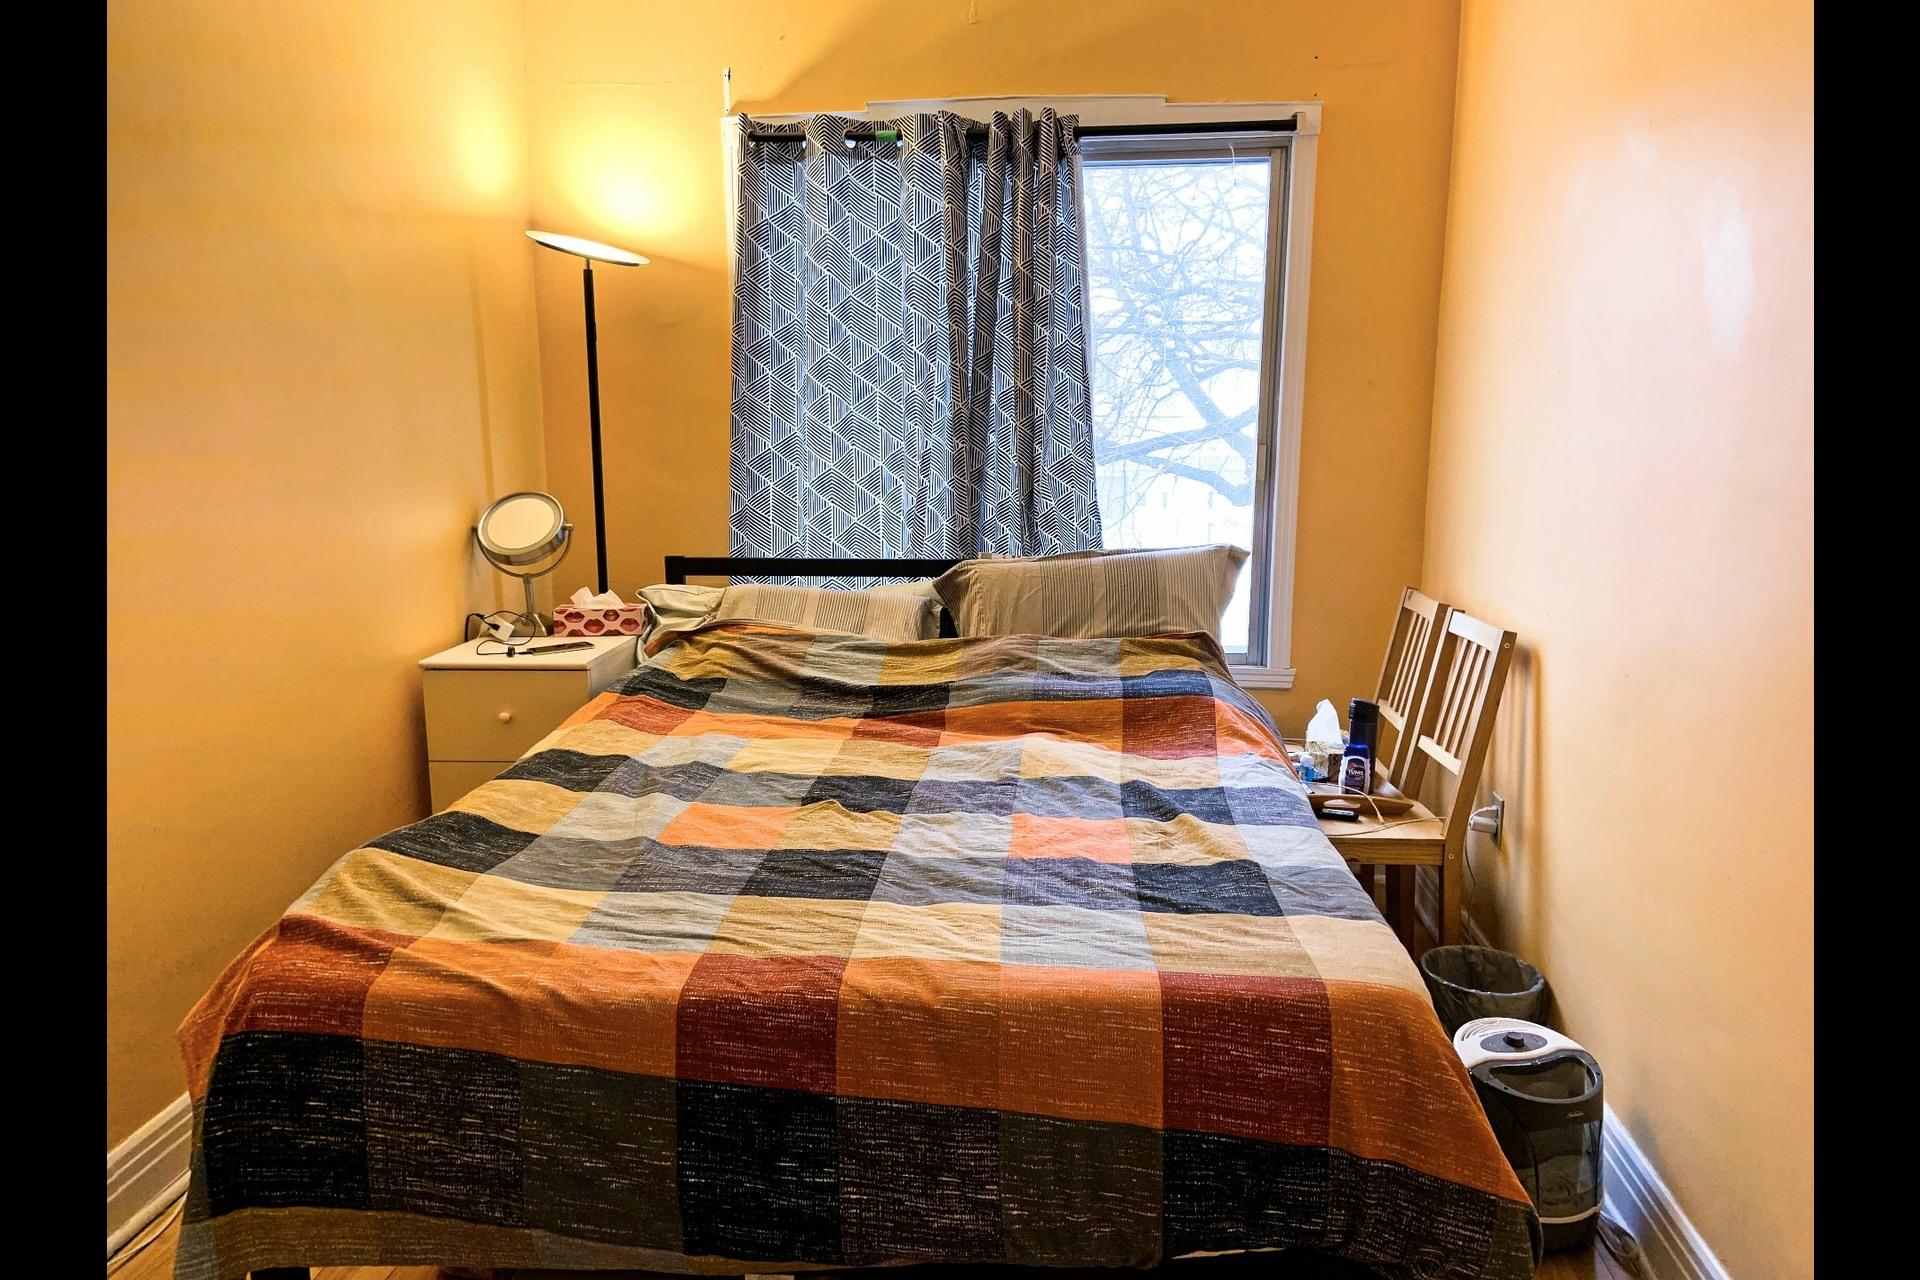 image 16 - Duplex À vendre Villeray/Saint-Michel/Parc-Extension Montréal  - 5 pièces